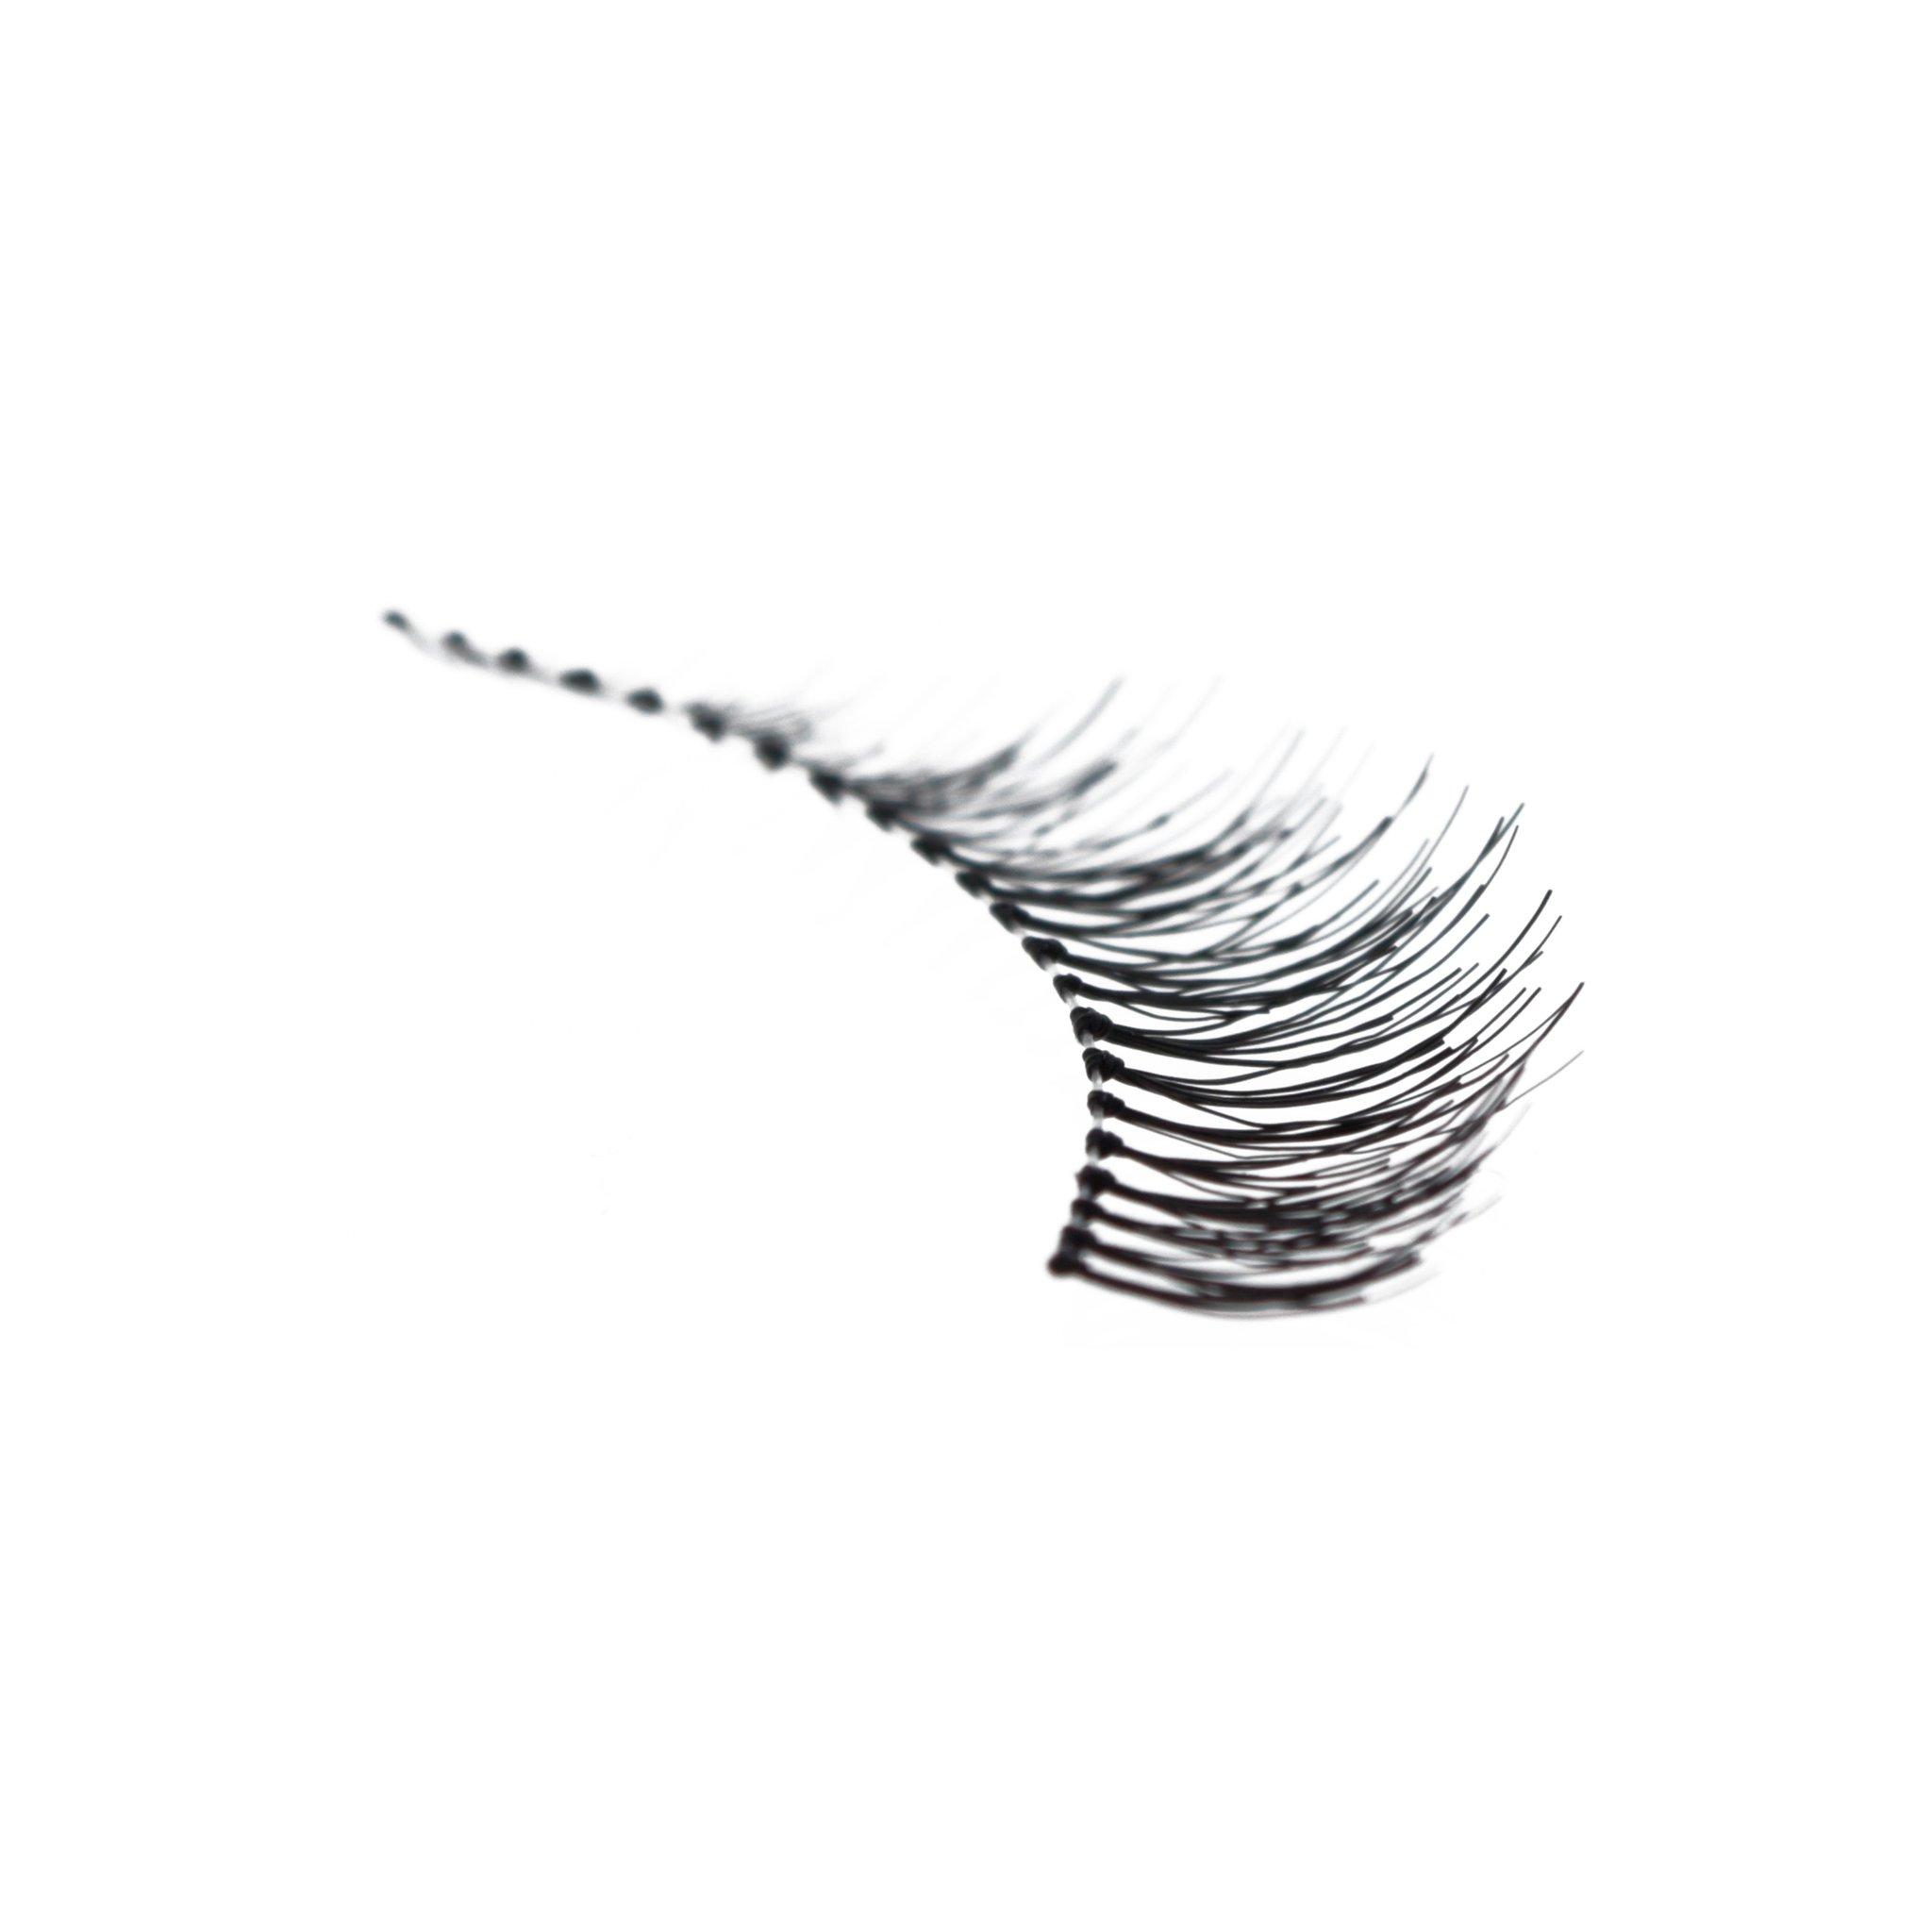 2048x2048 lashes, false eyelashes fake eyelashes amorus usa